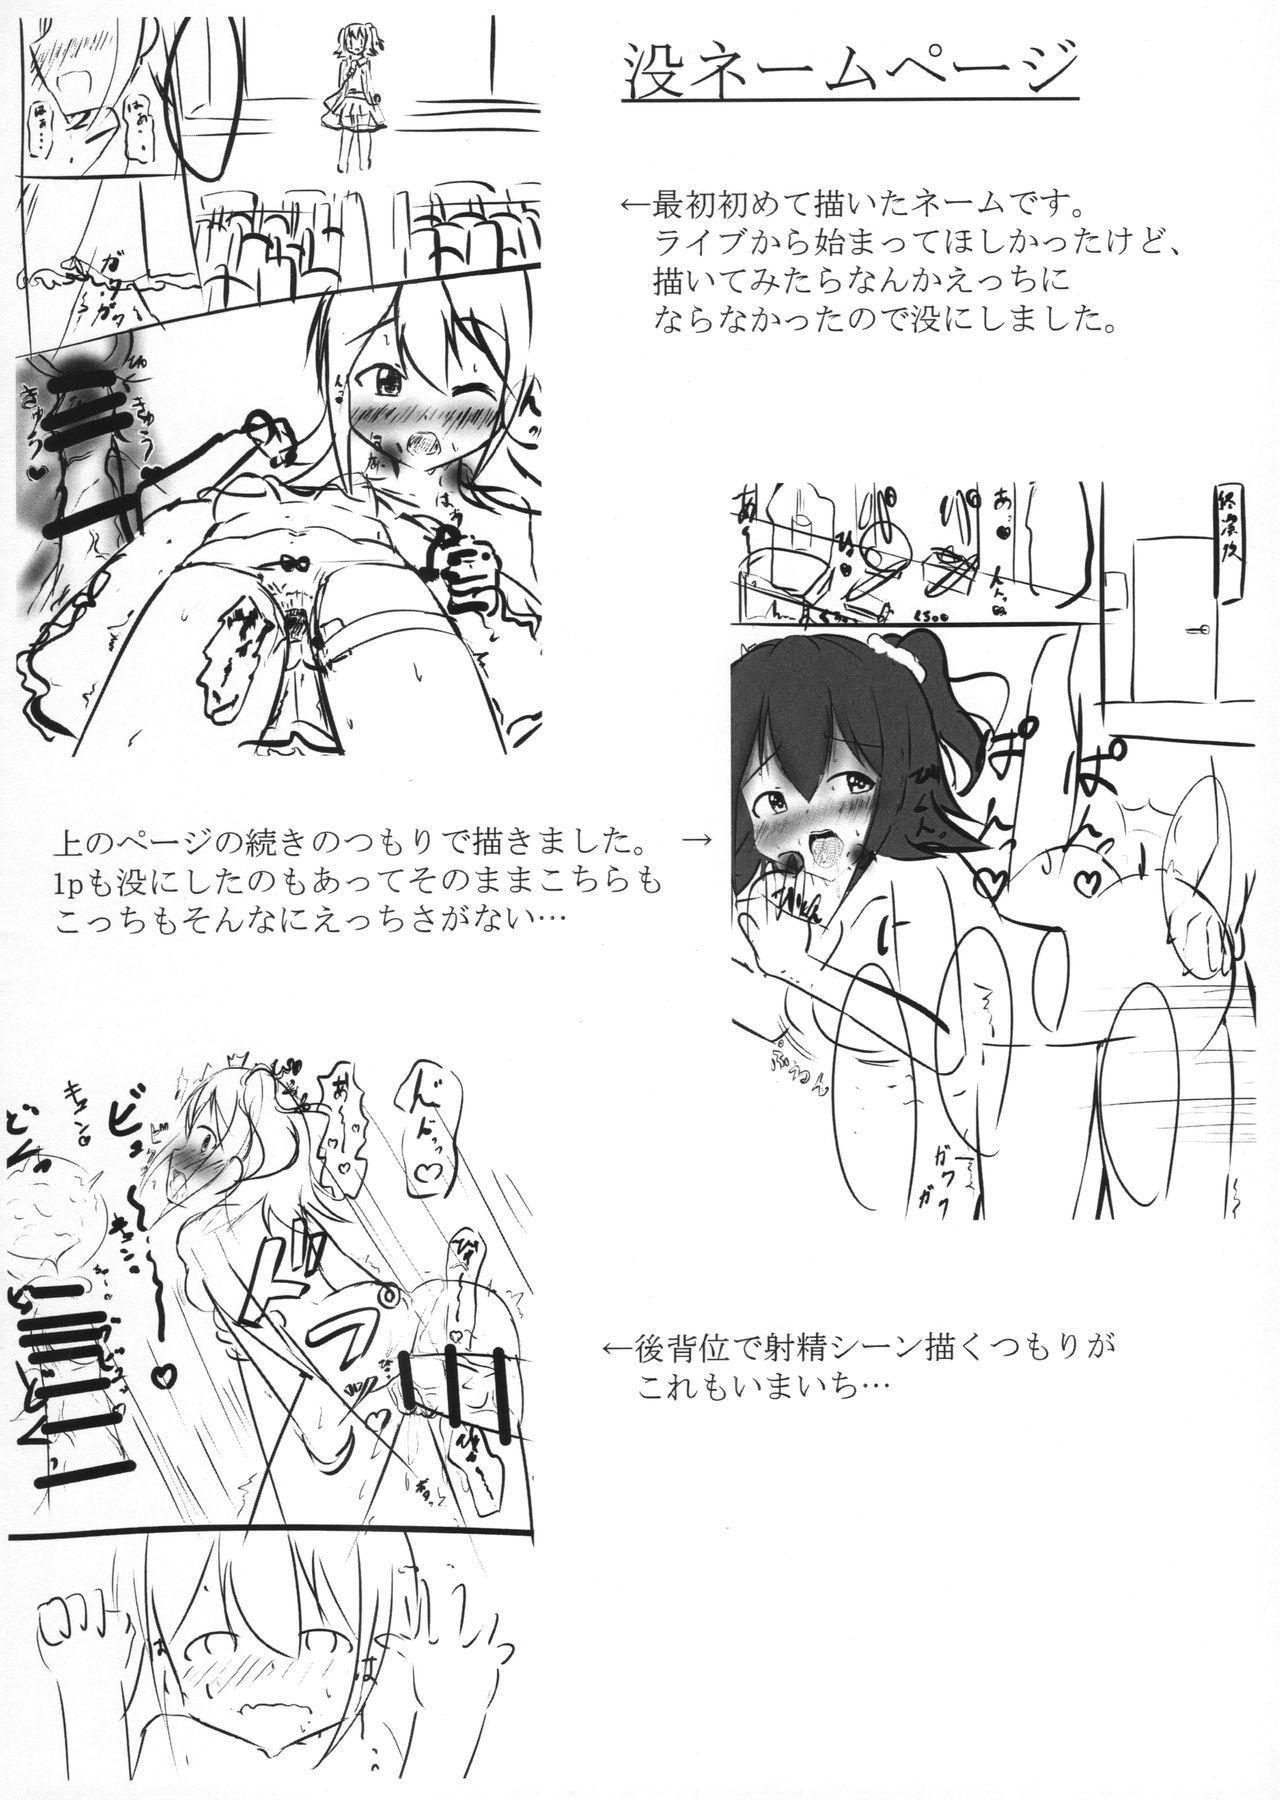 Mirai-cha to Ecchi Shitai 13